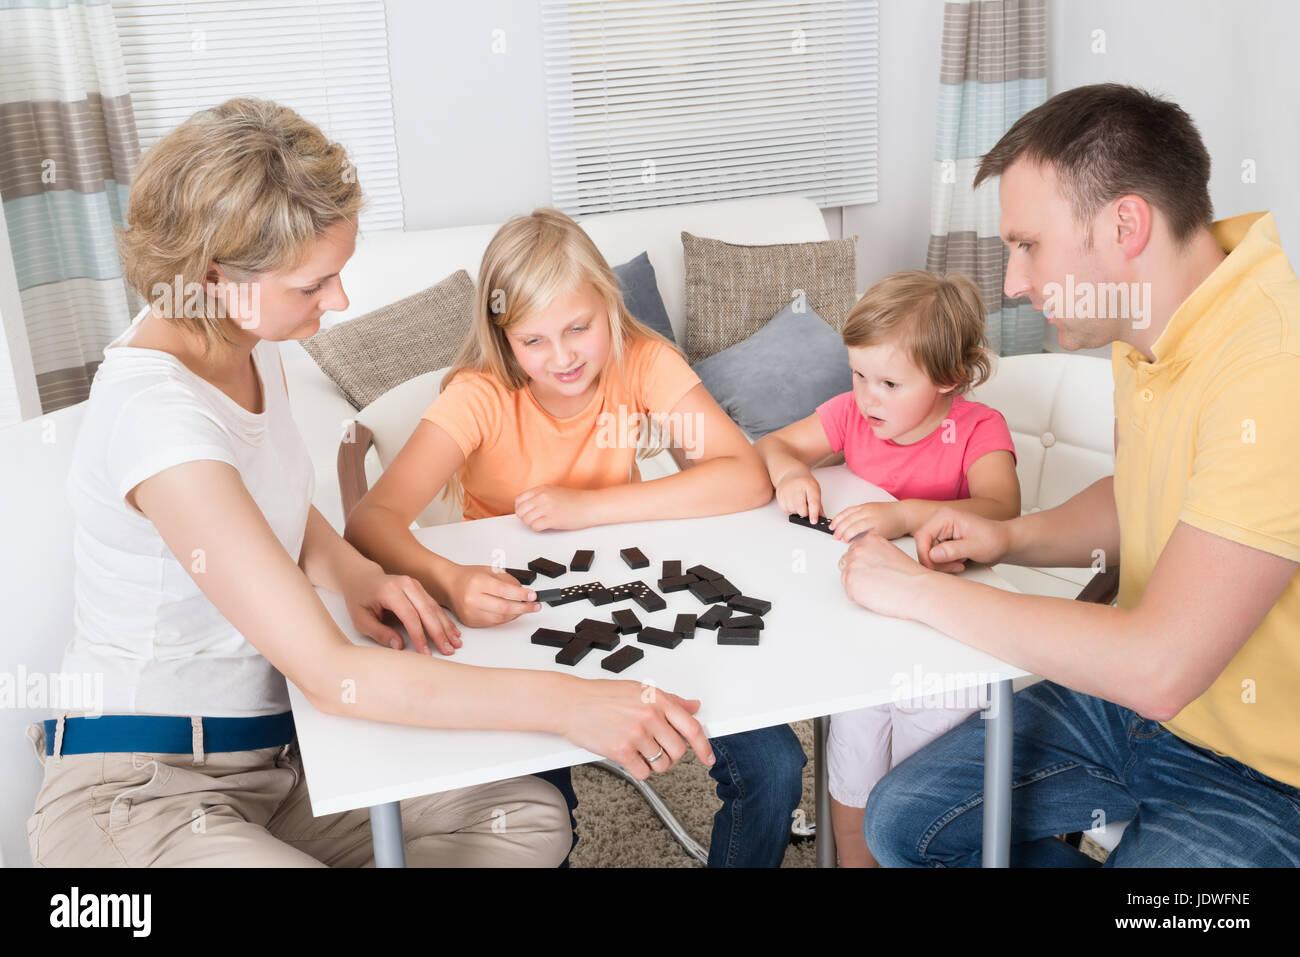 Familia Joven Jugando Domino Juego En Casa Foto Imagen De Stock